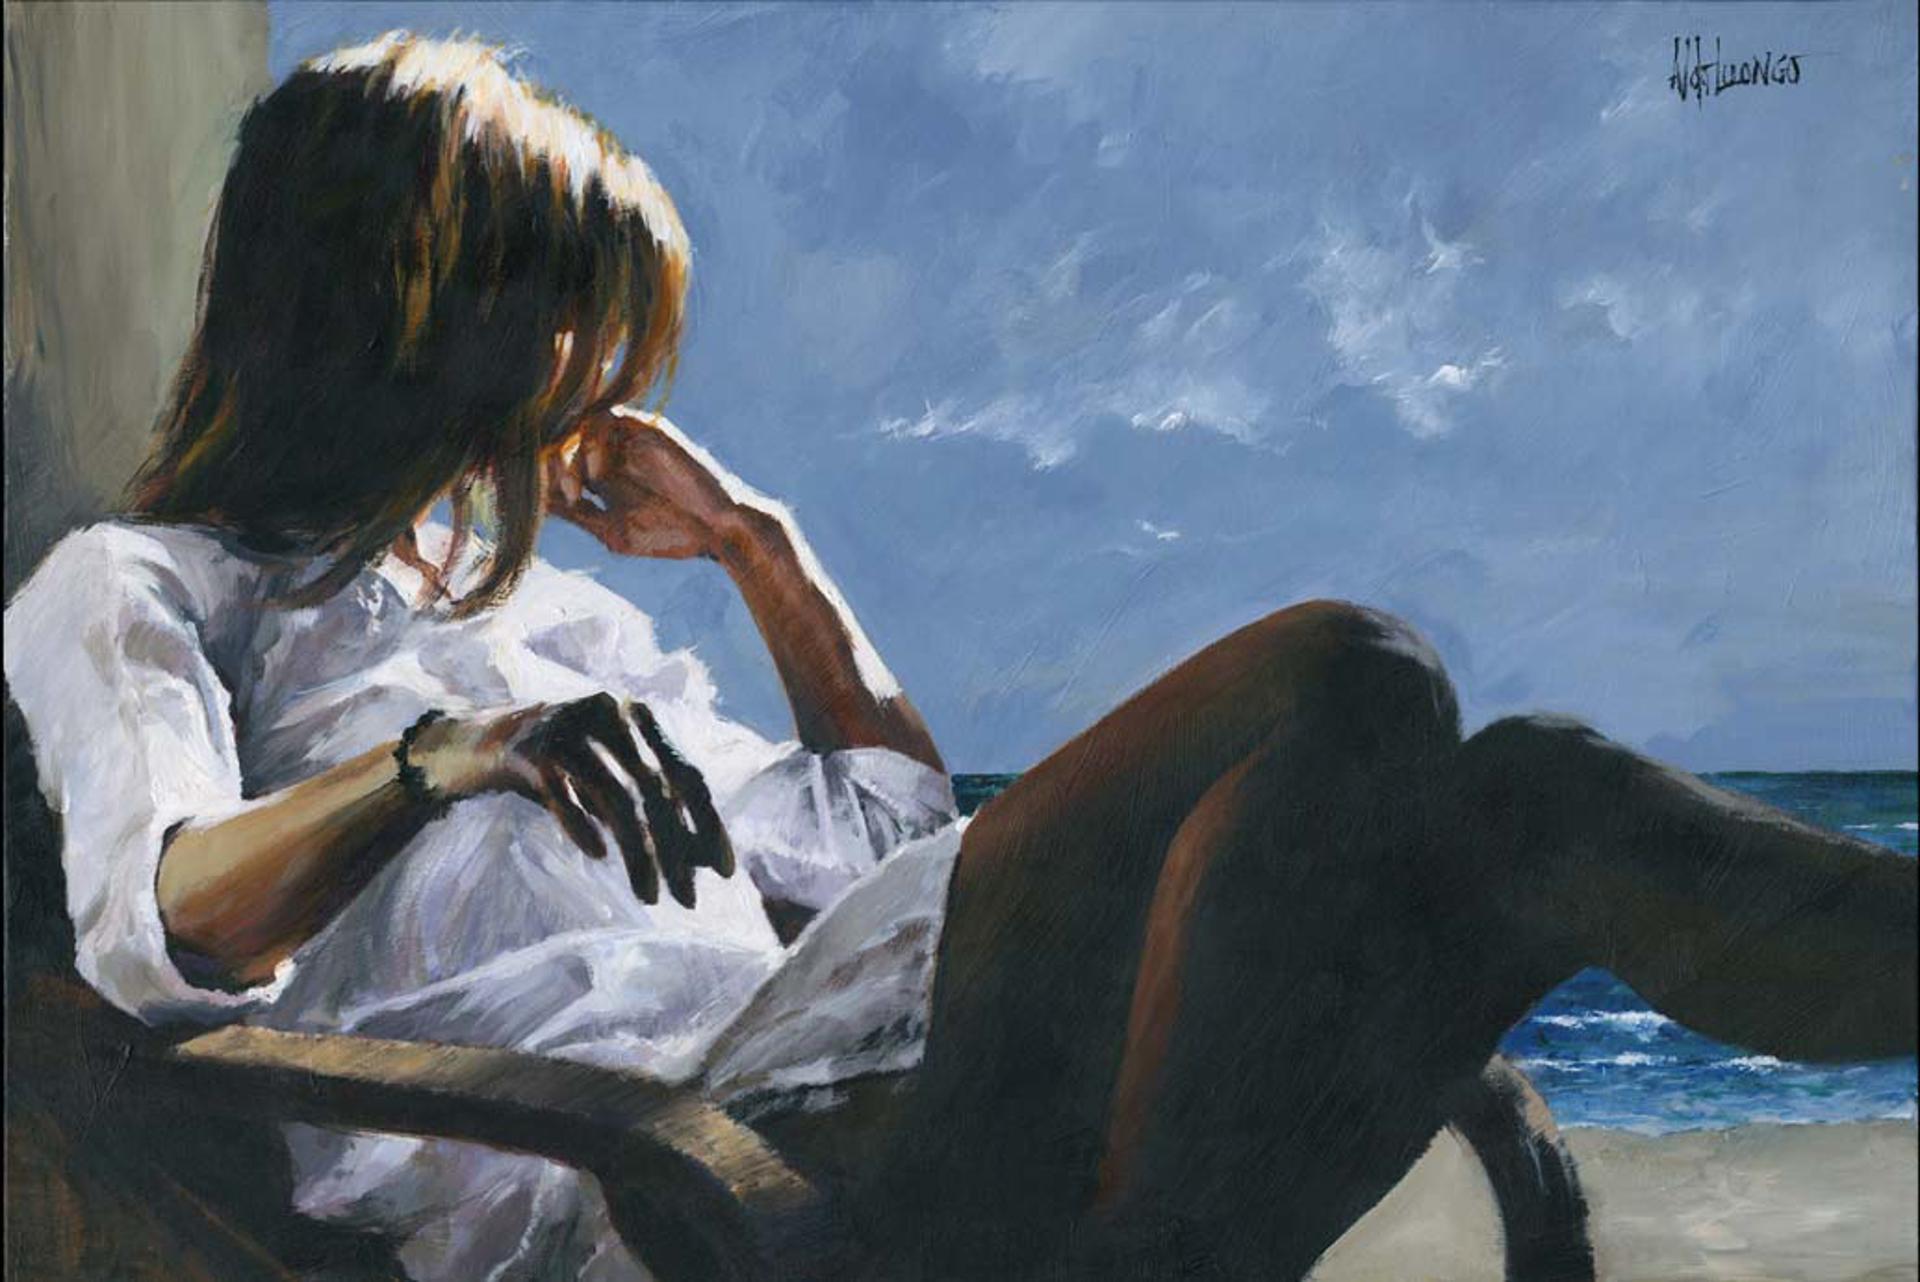 Bright Silhouette by Aldo Luongo